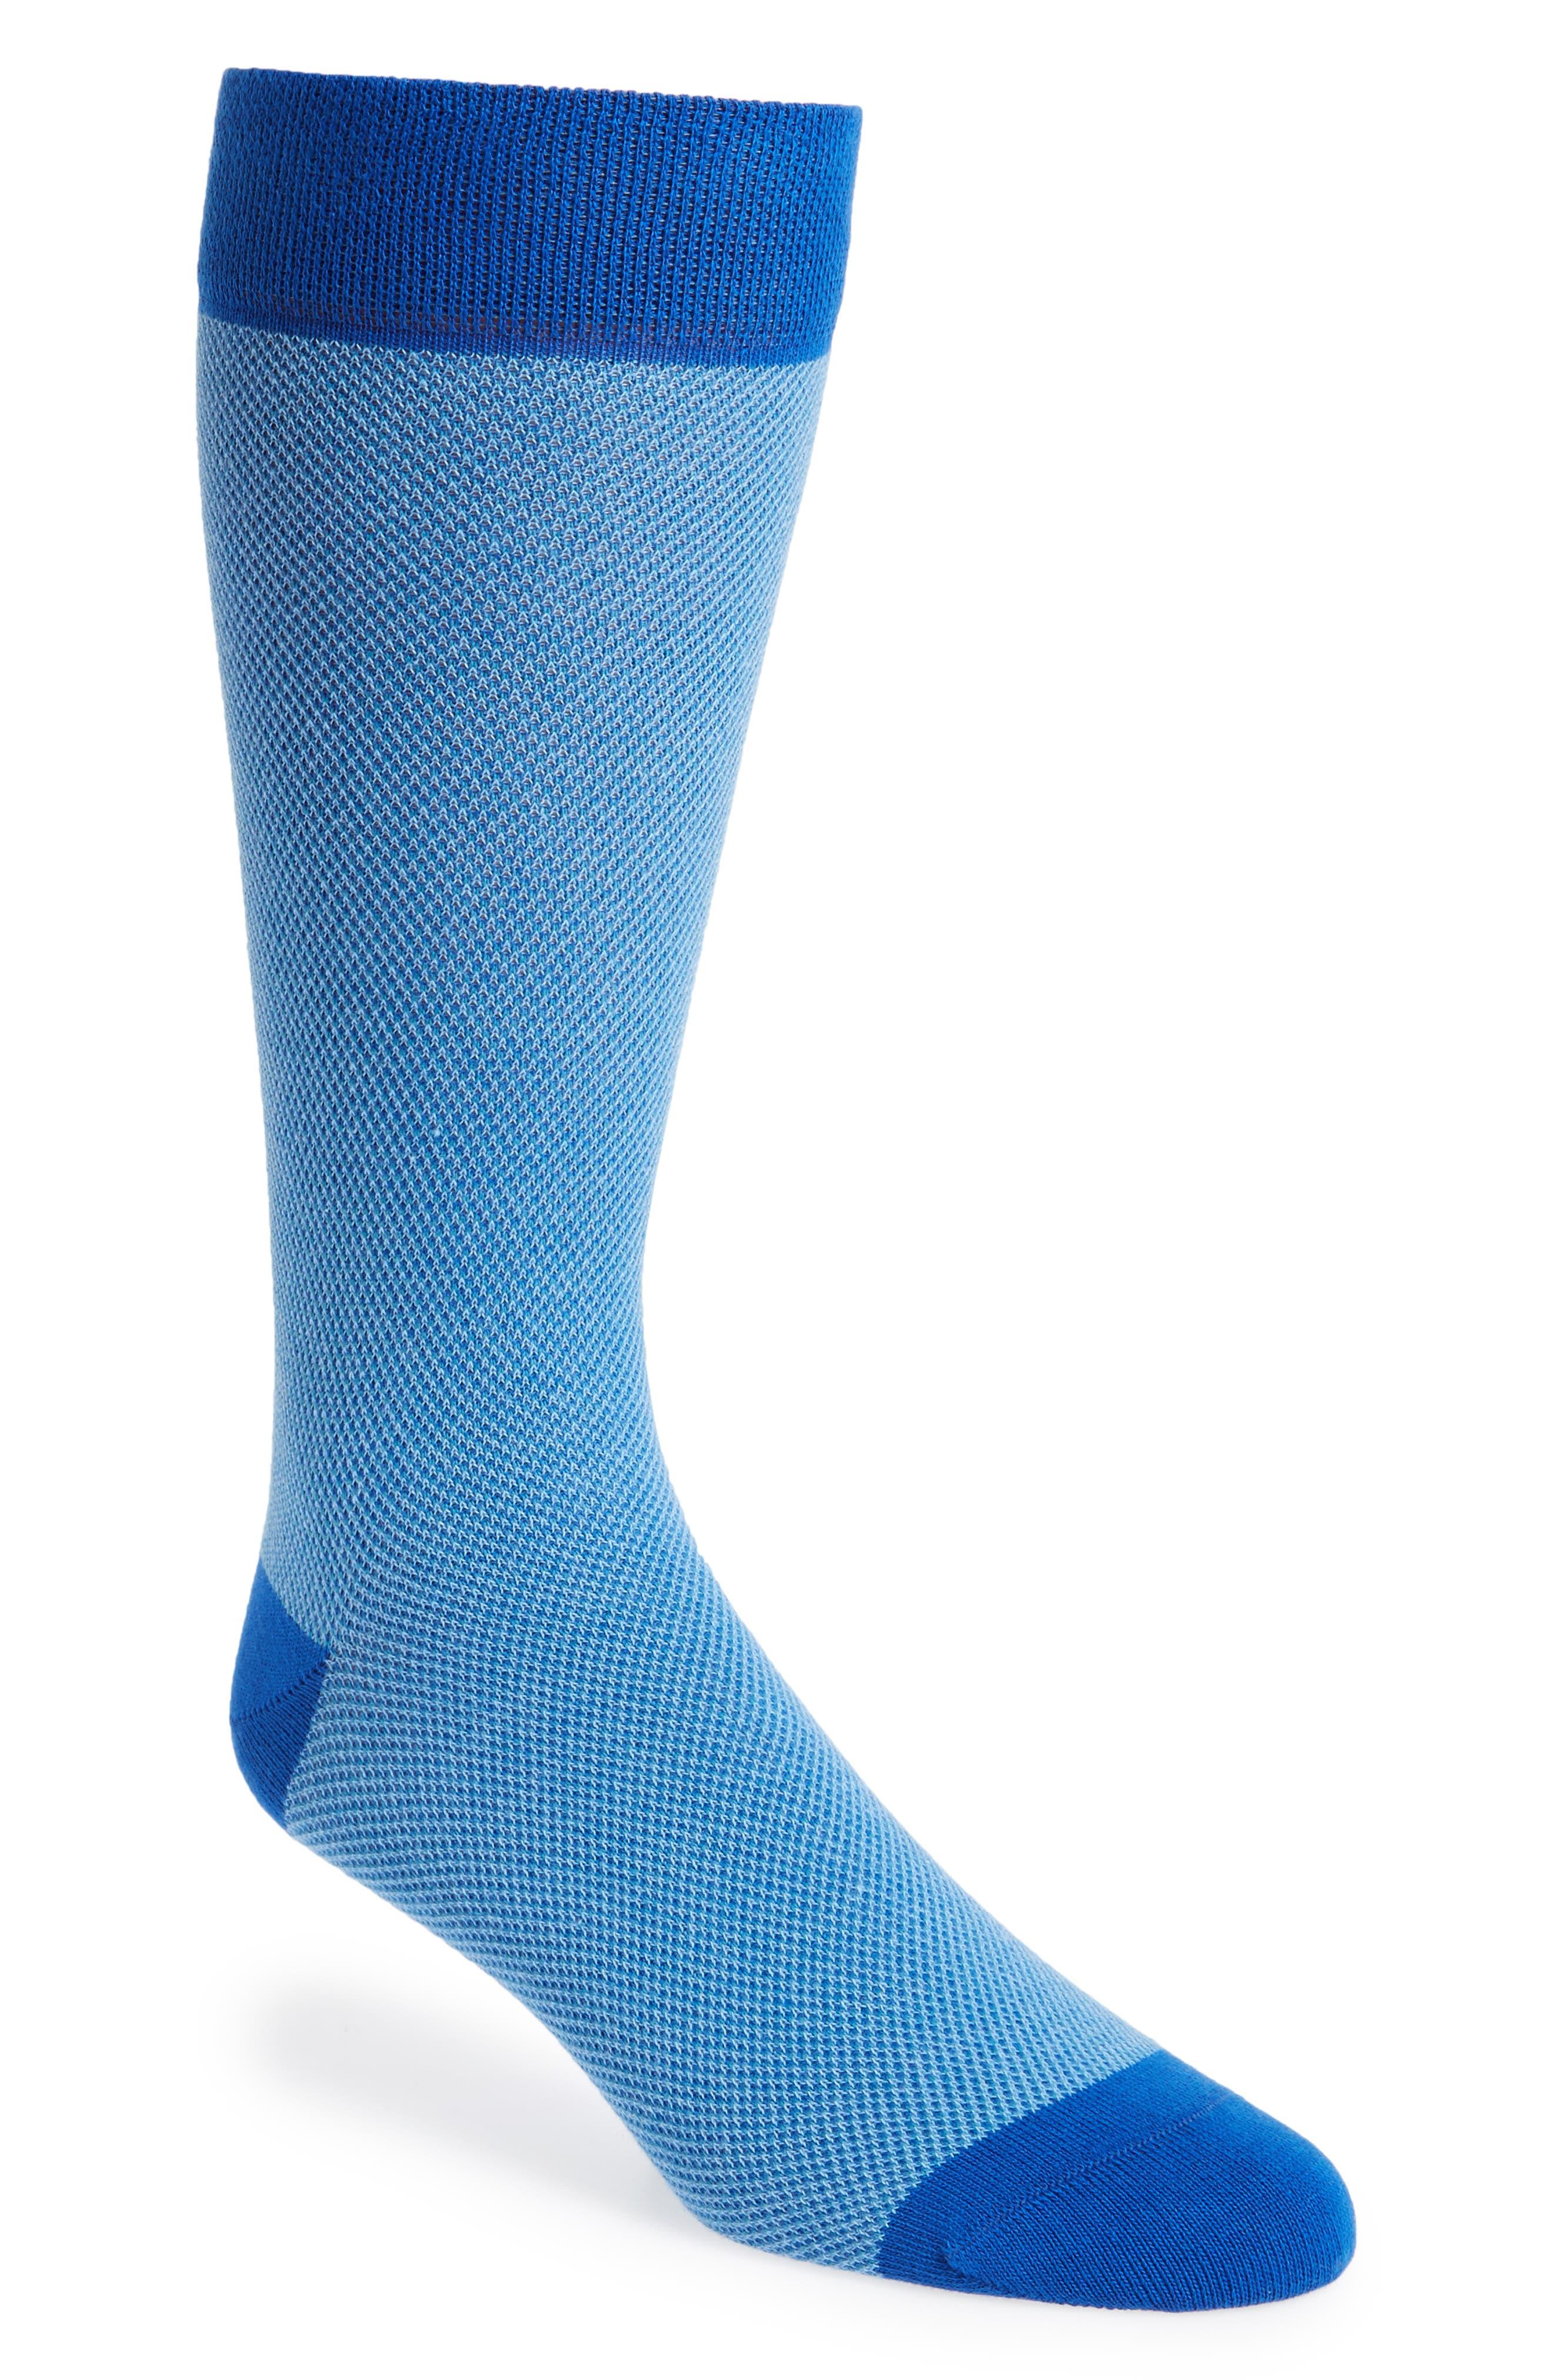 Joaquim Solid Socks,                             Main thumbnail 3, color,